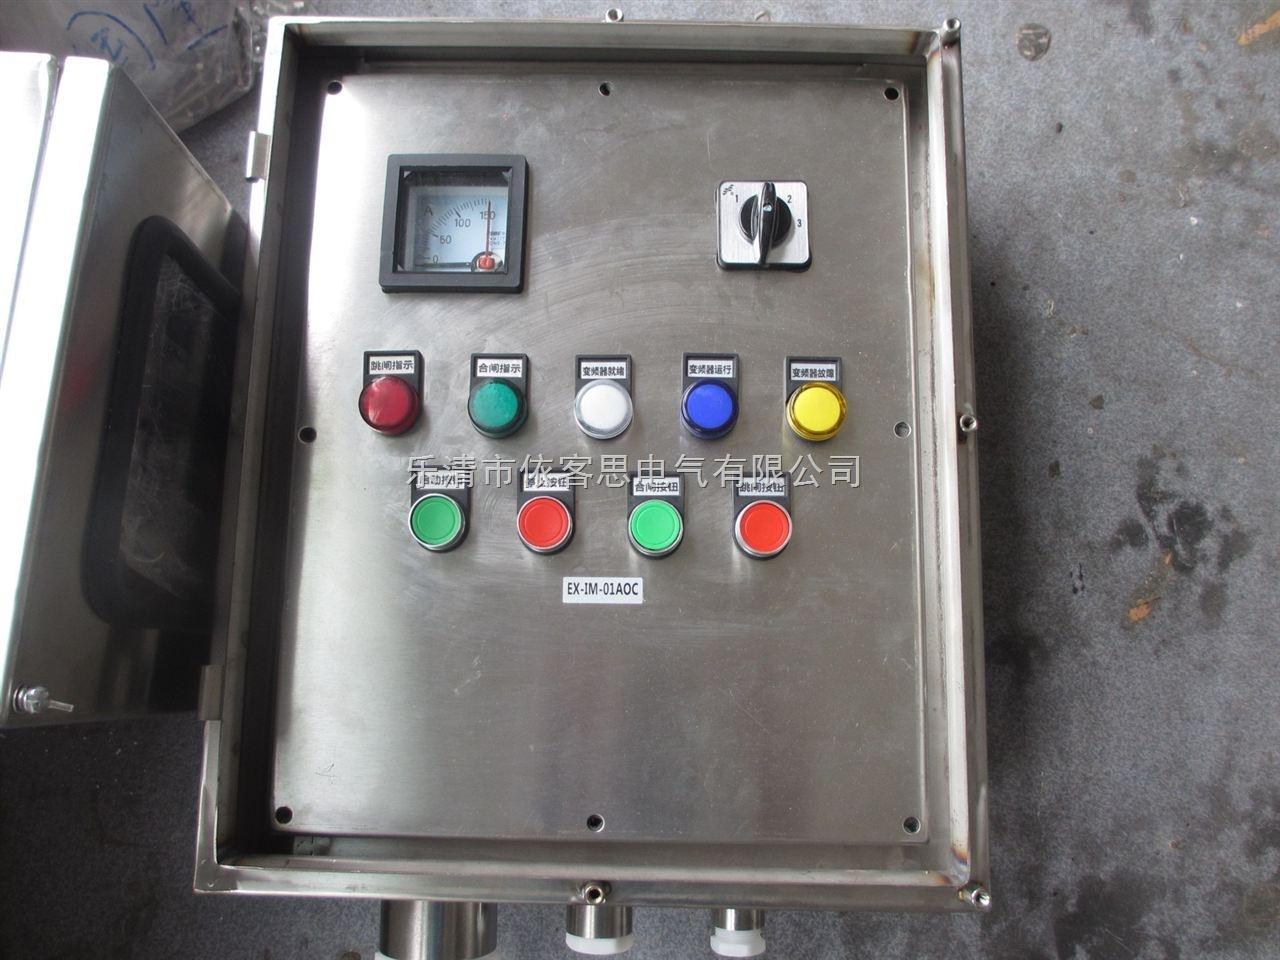 依客思不锈钢材质防爆操作柱LCZ-B1D4K2G机旁防爆防腐操作柱报价 质保一年